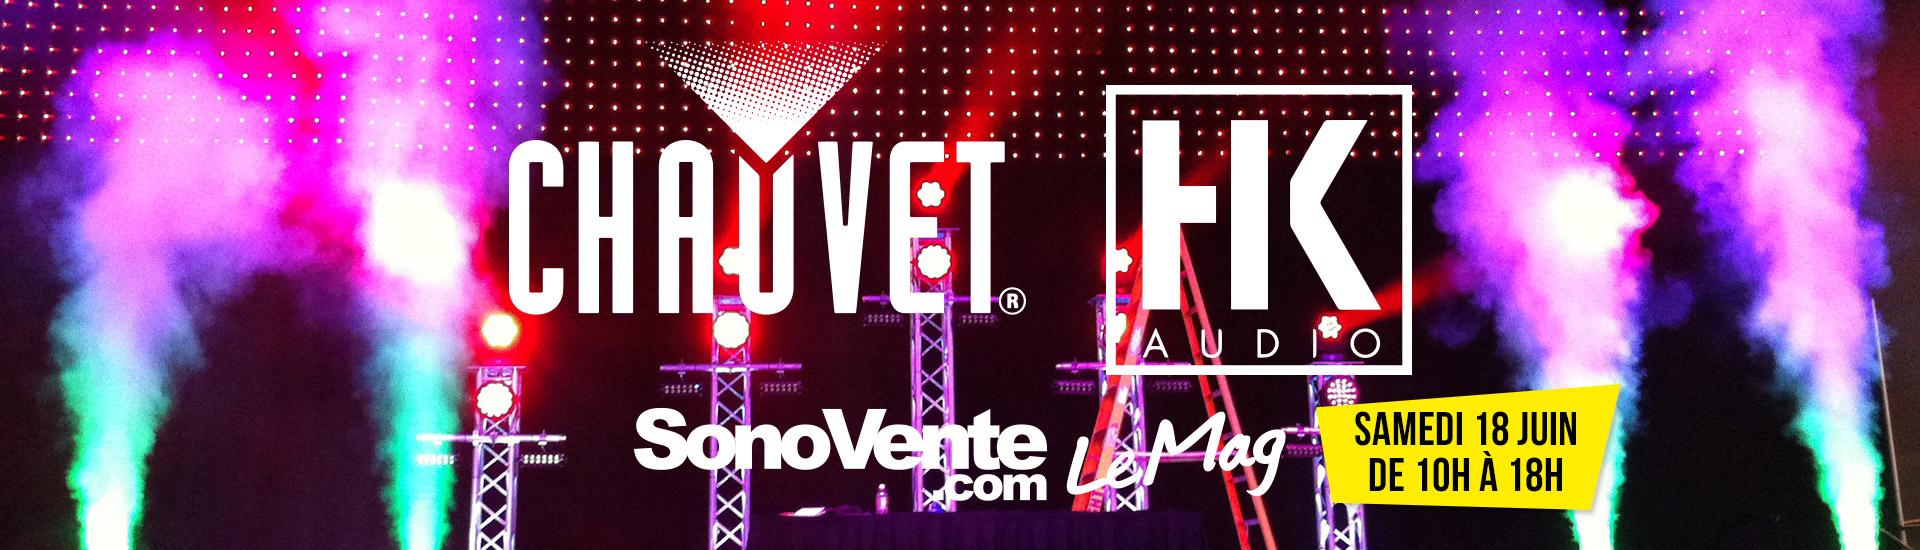 Banniere Chauvet + HK Audio